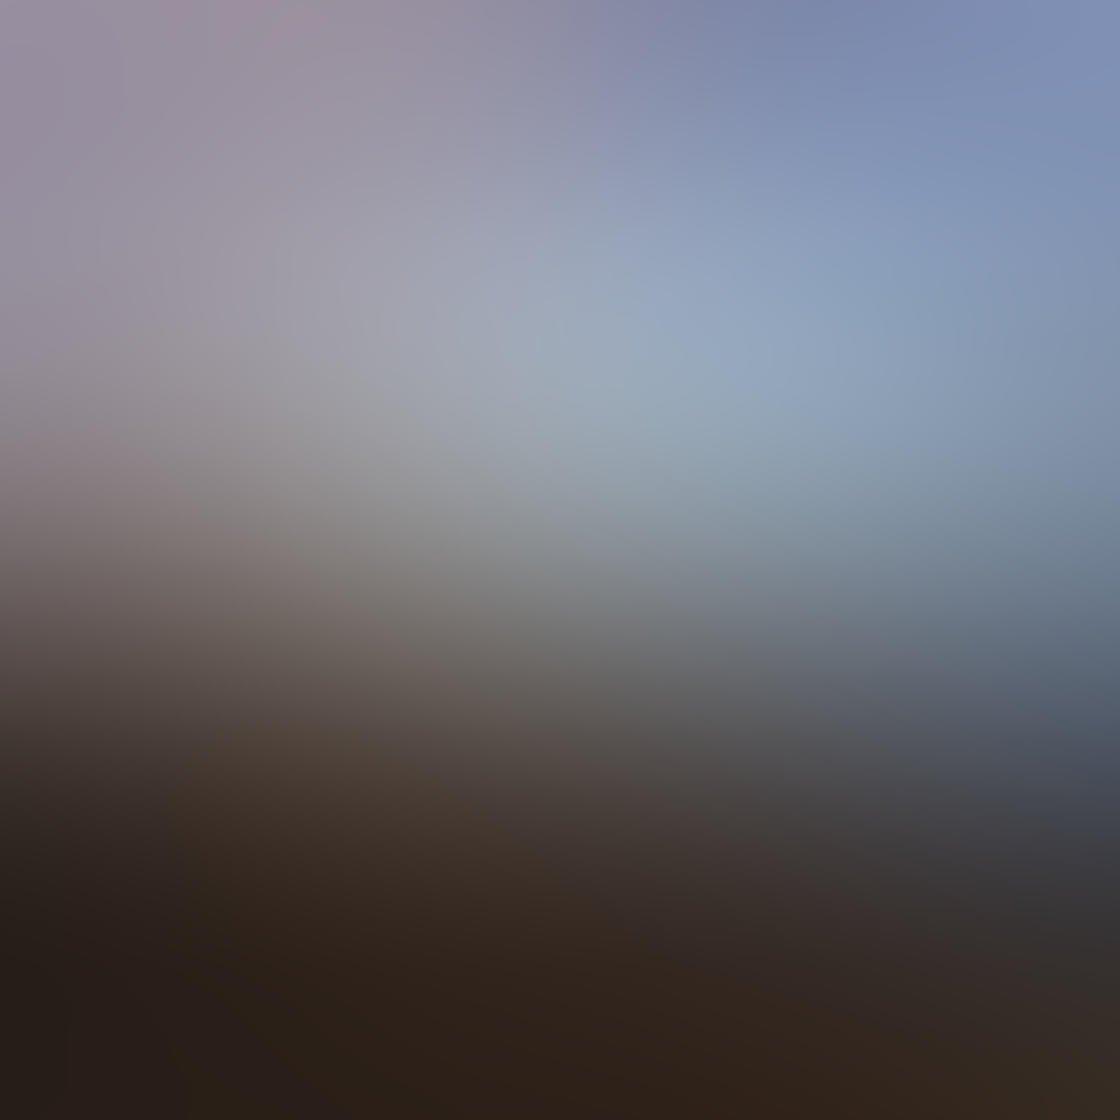 Landscape iPhone Photo Composition 36